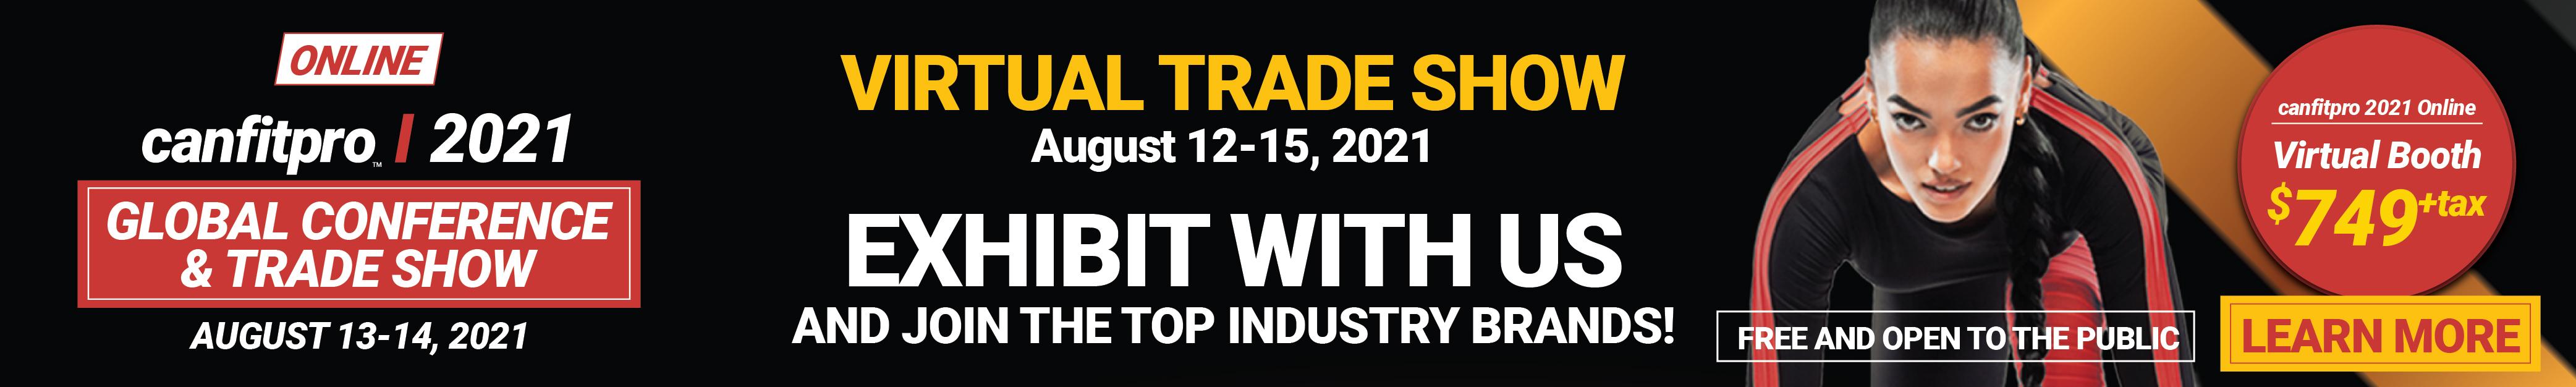 Trade show digital campaign